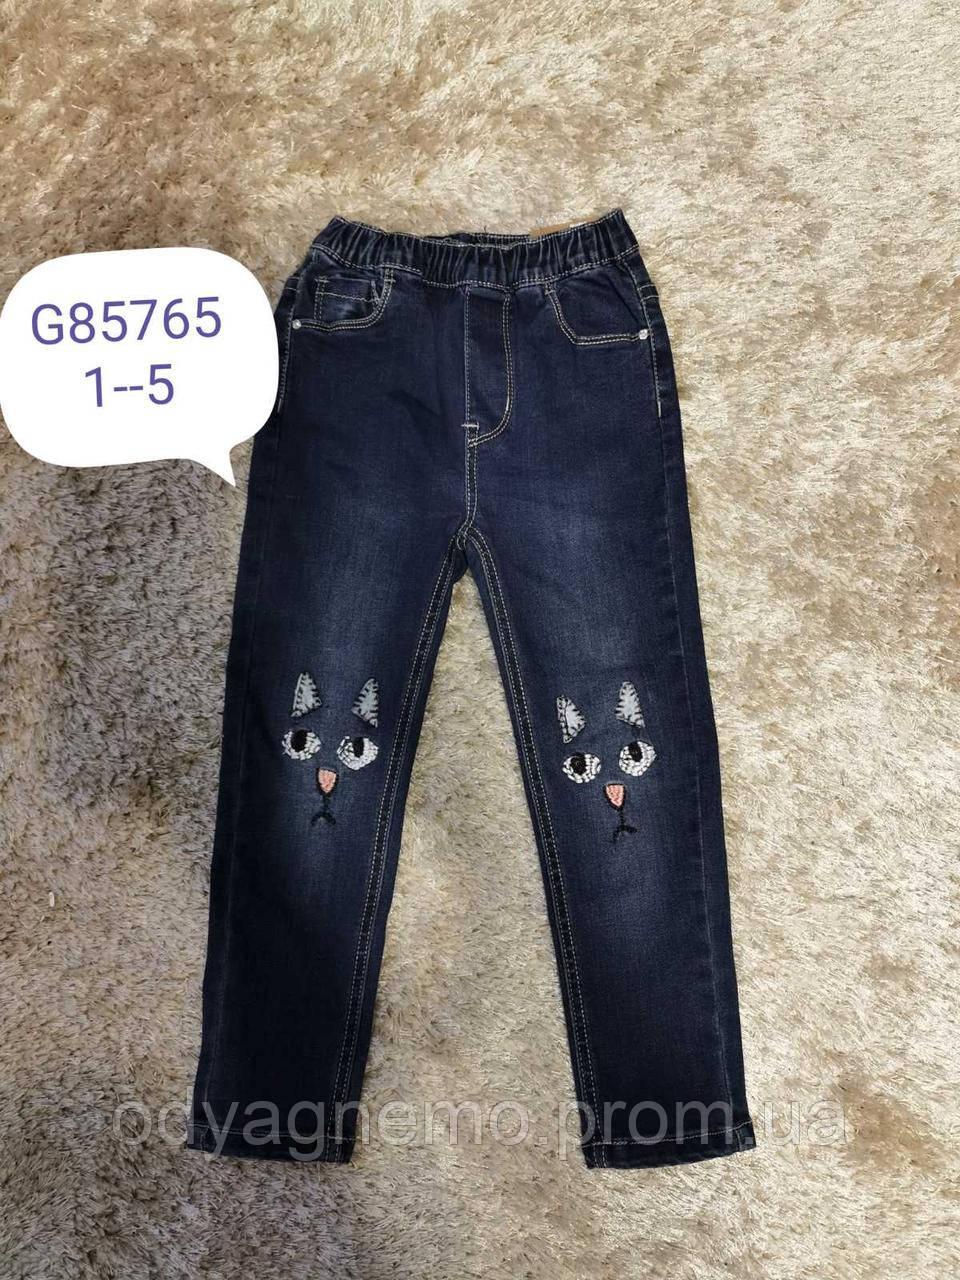 Джинсові брюки для дівчаток F&D Артикул: G85765 , 1-5 років.